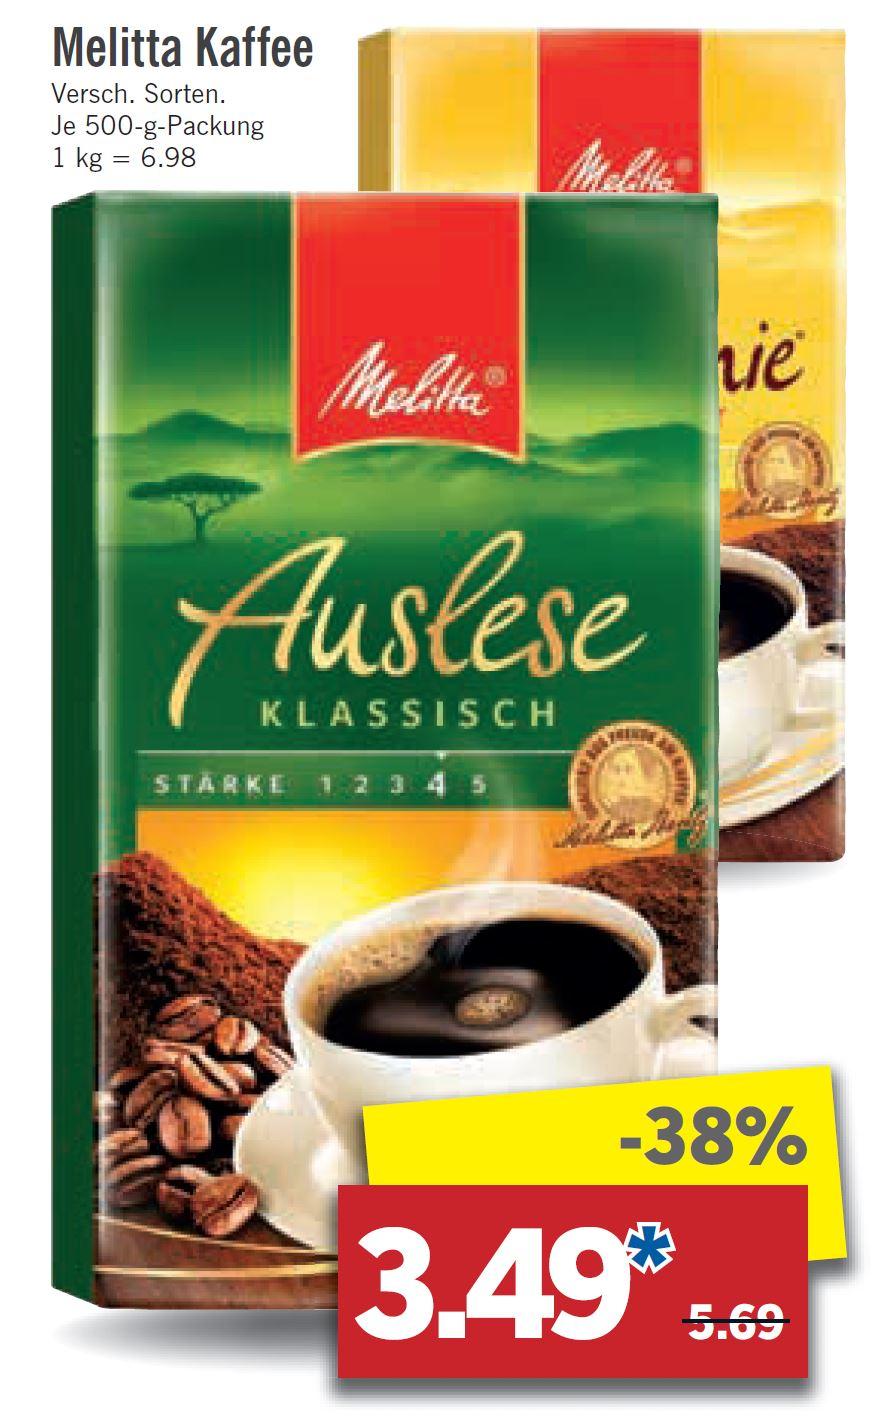 Kaffee Melitta Auslese bei Lidl für 3,49 €,